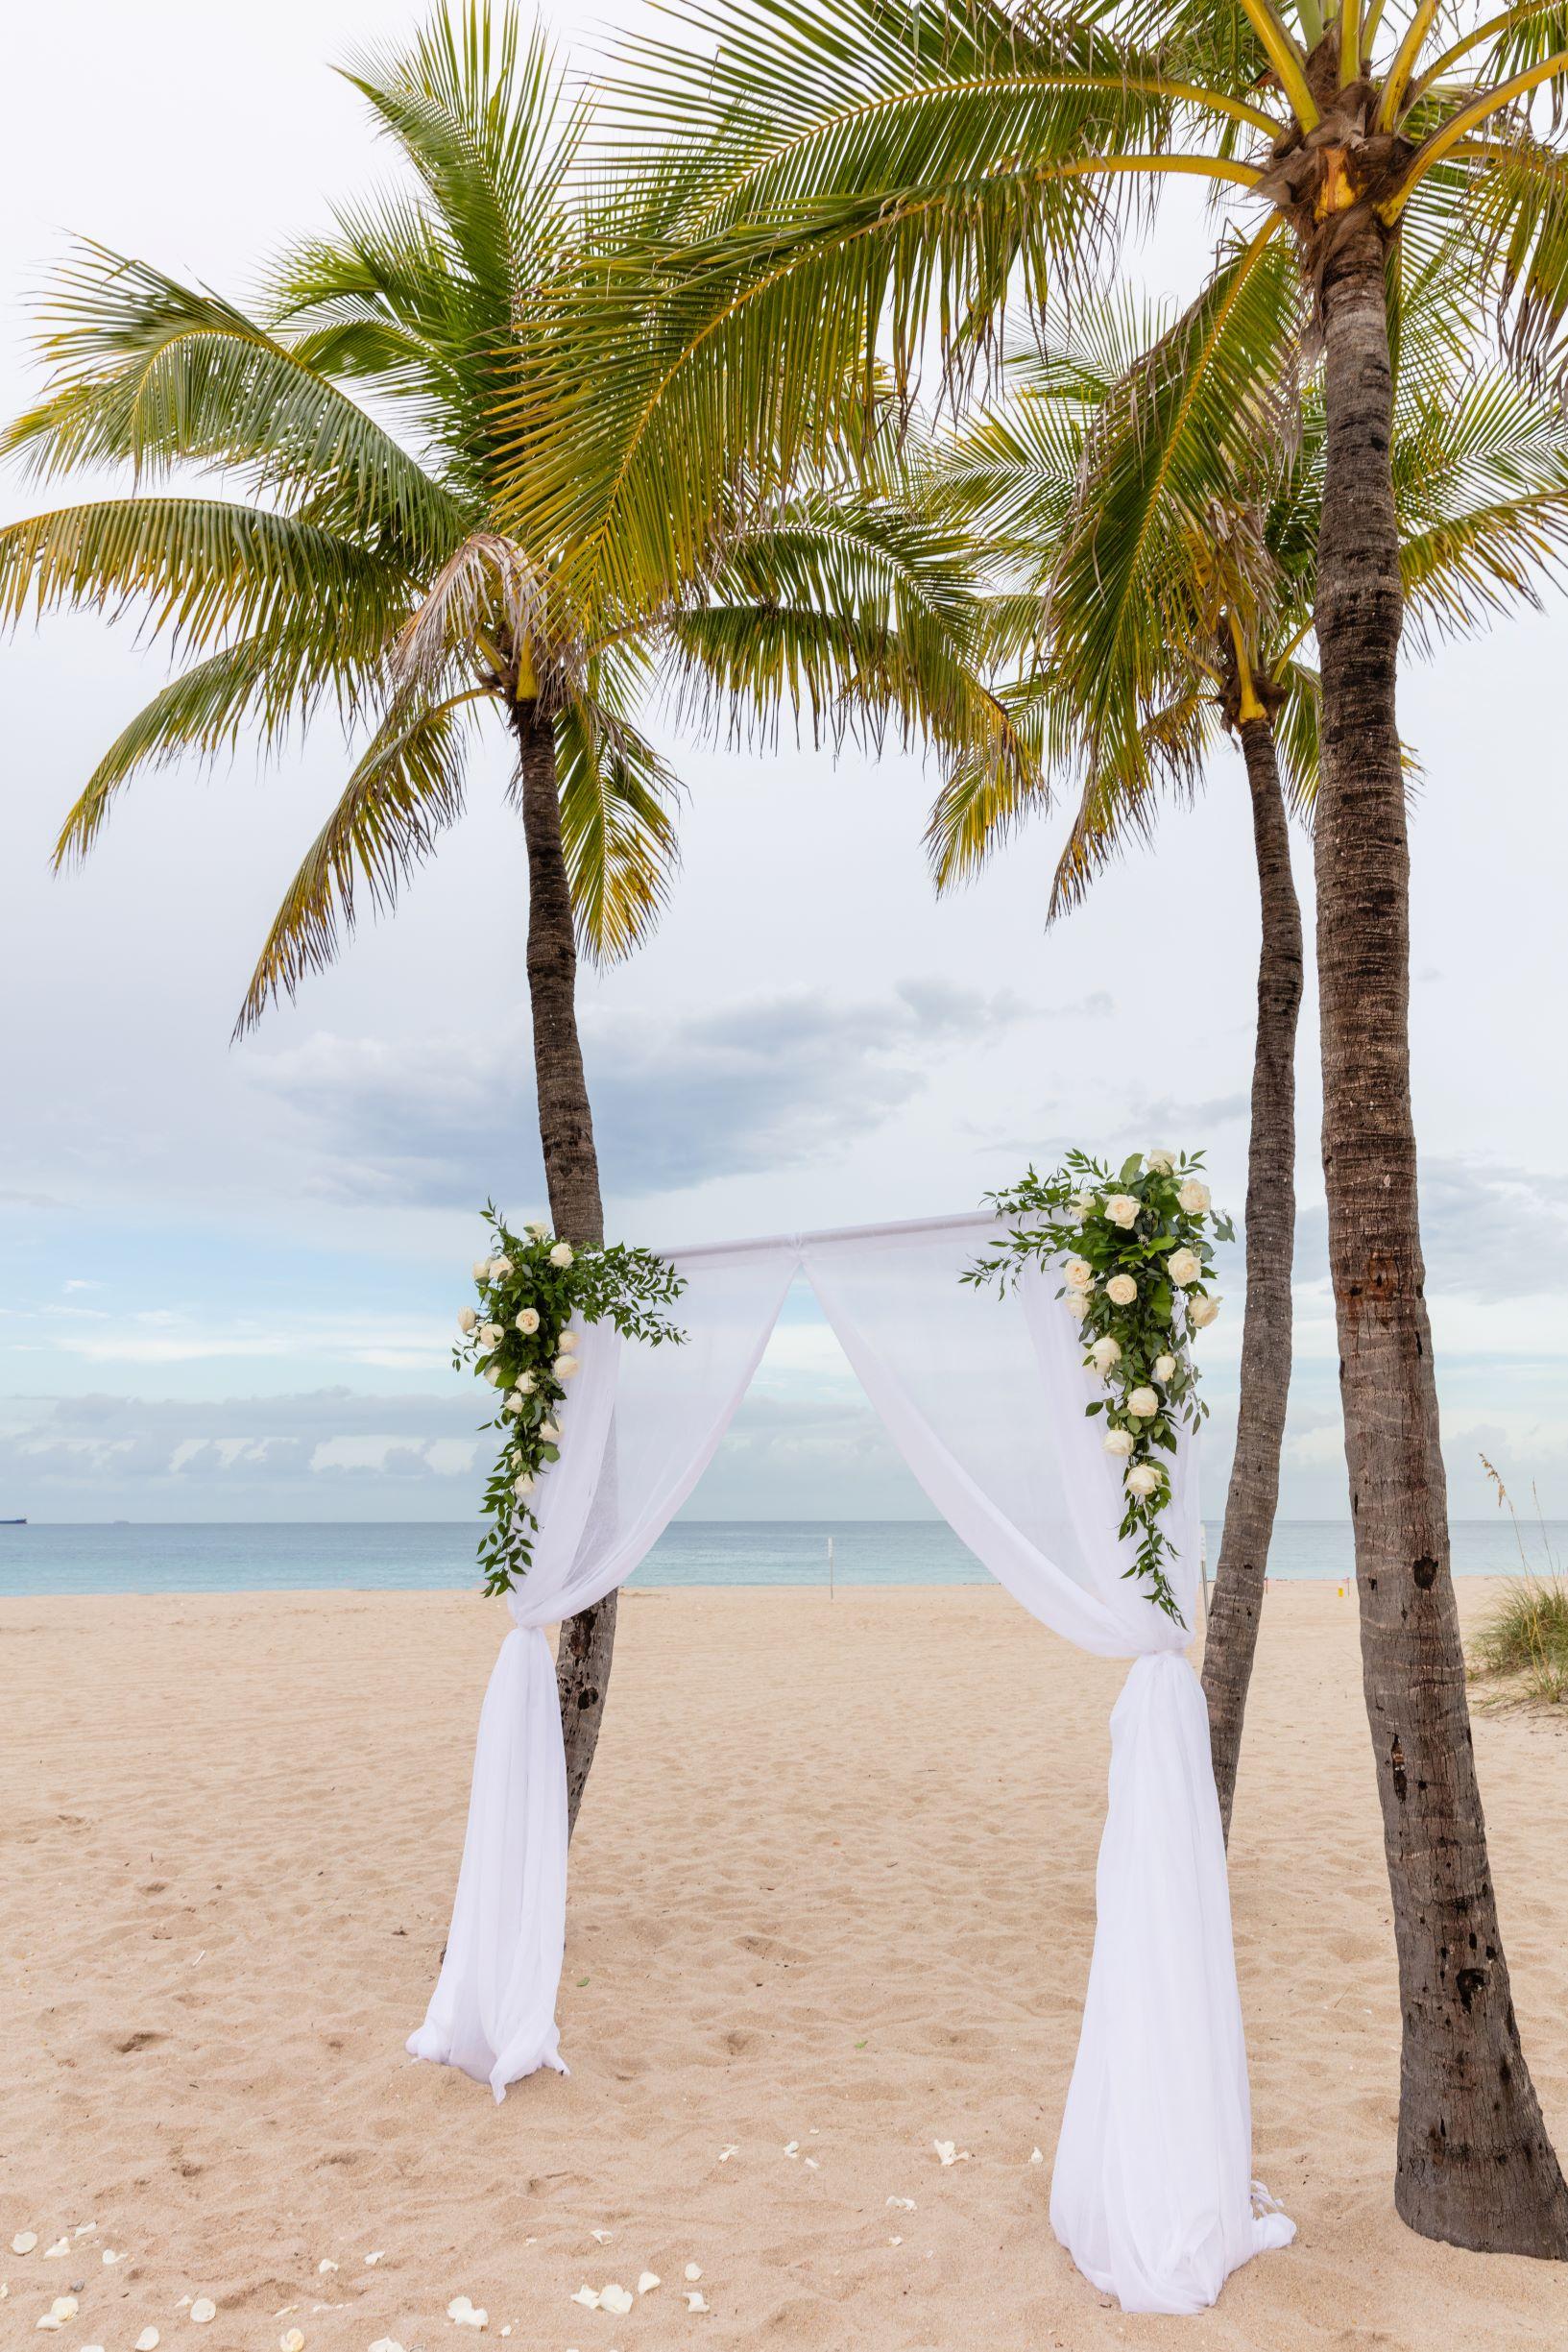 florida-beach-wedding-arch